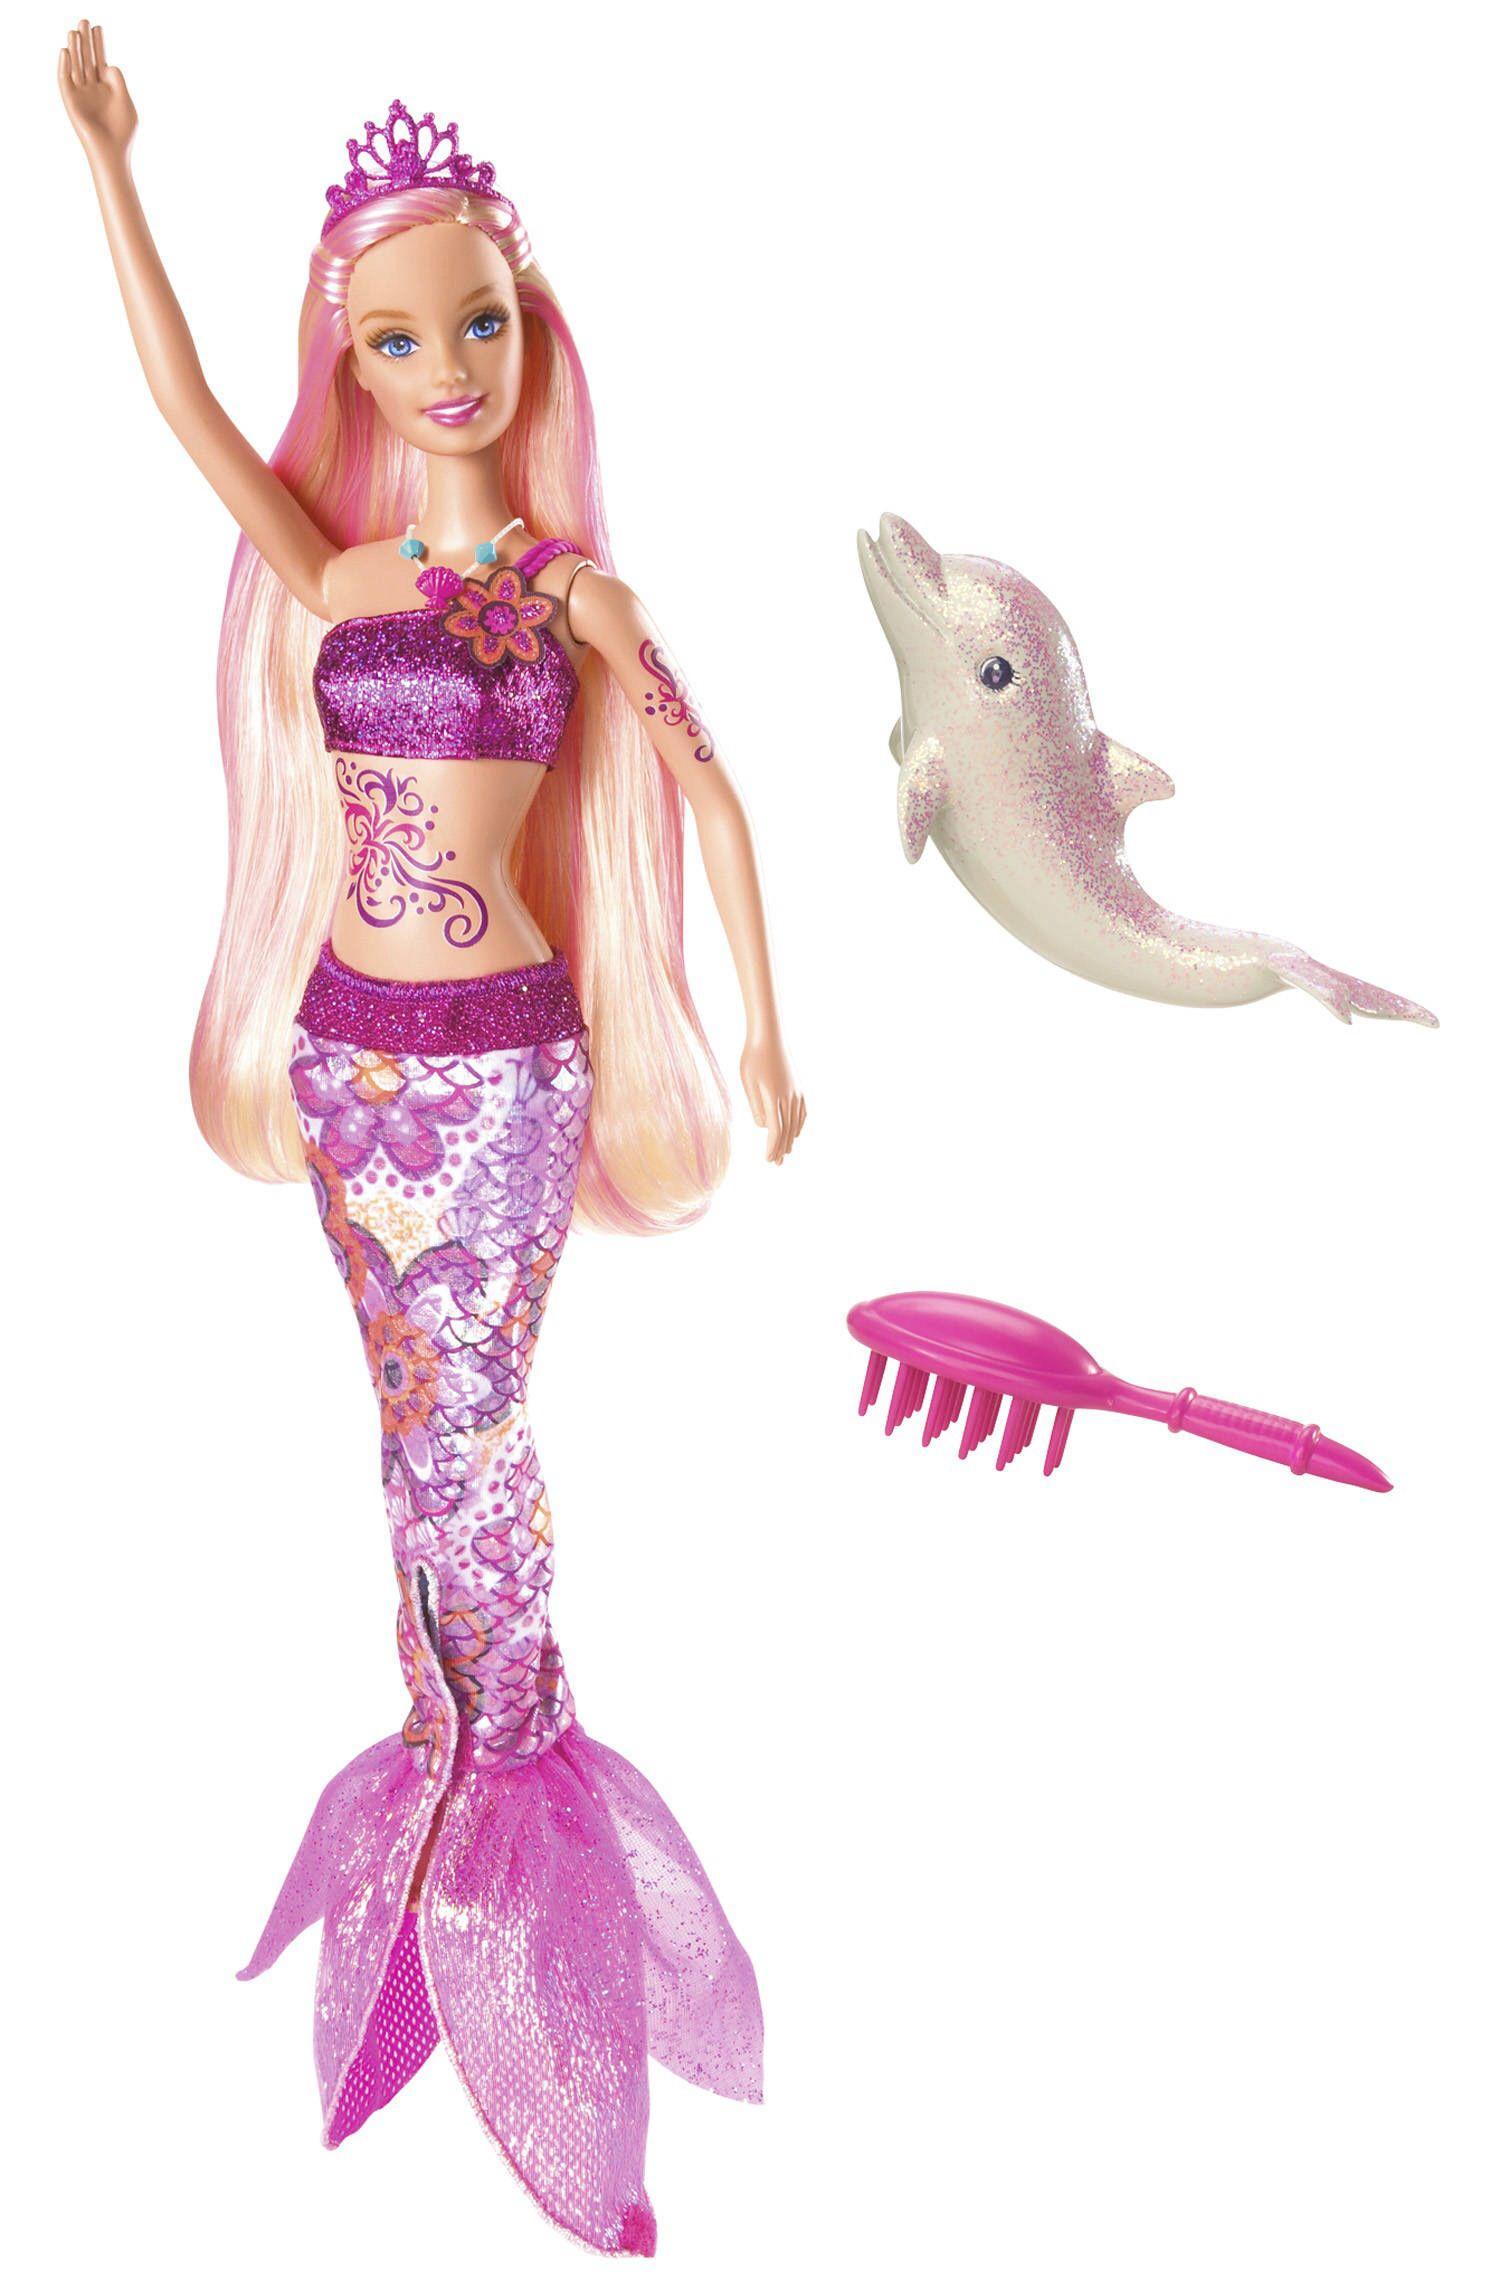 Barbie SirenasY En Muñecas 2019 SirenaMundo NwXknOP08